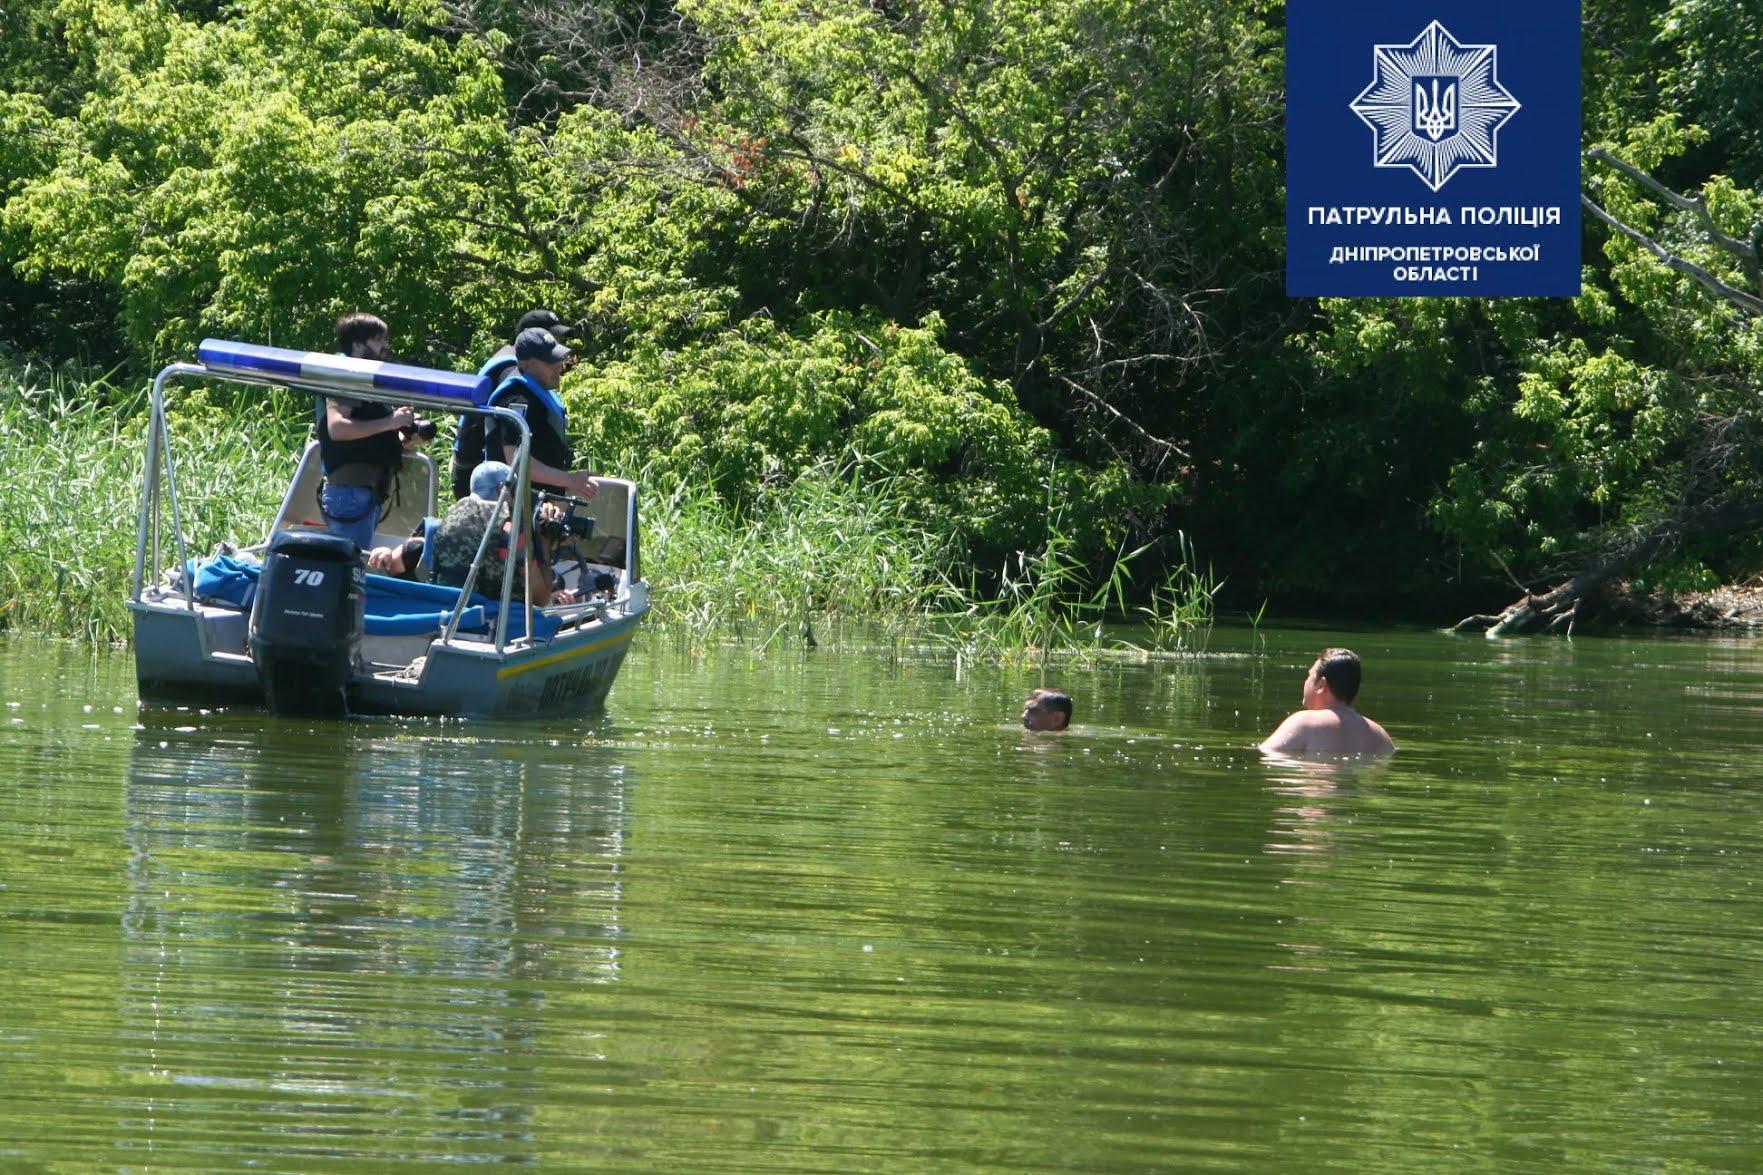 Будьте обережнішими, відпочиваючи біля водойм